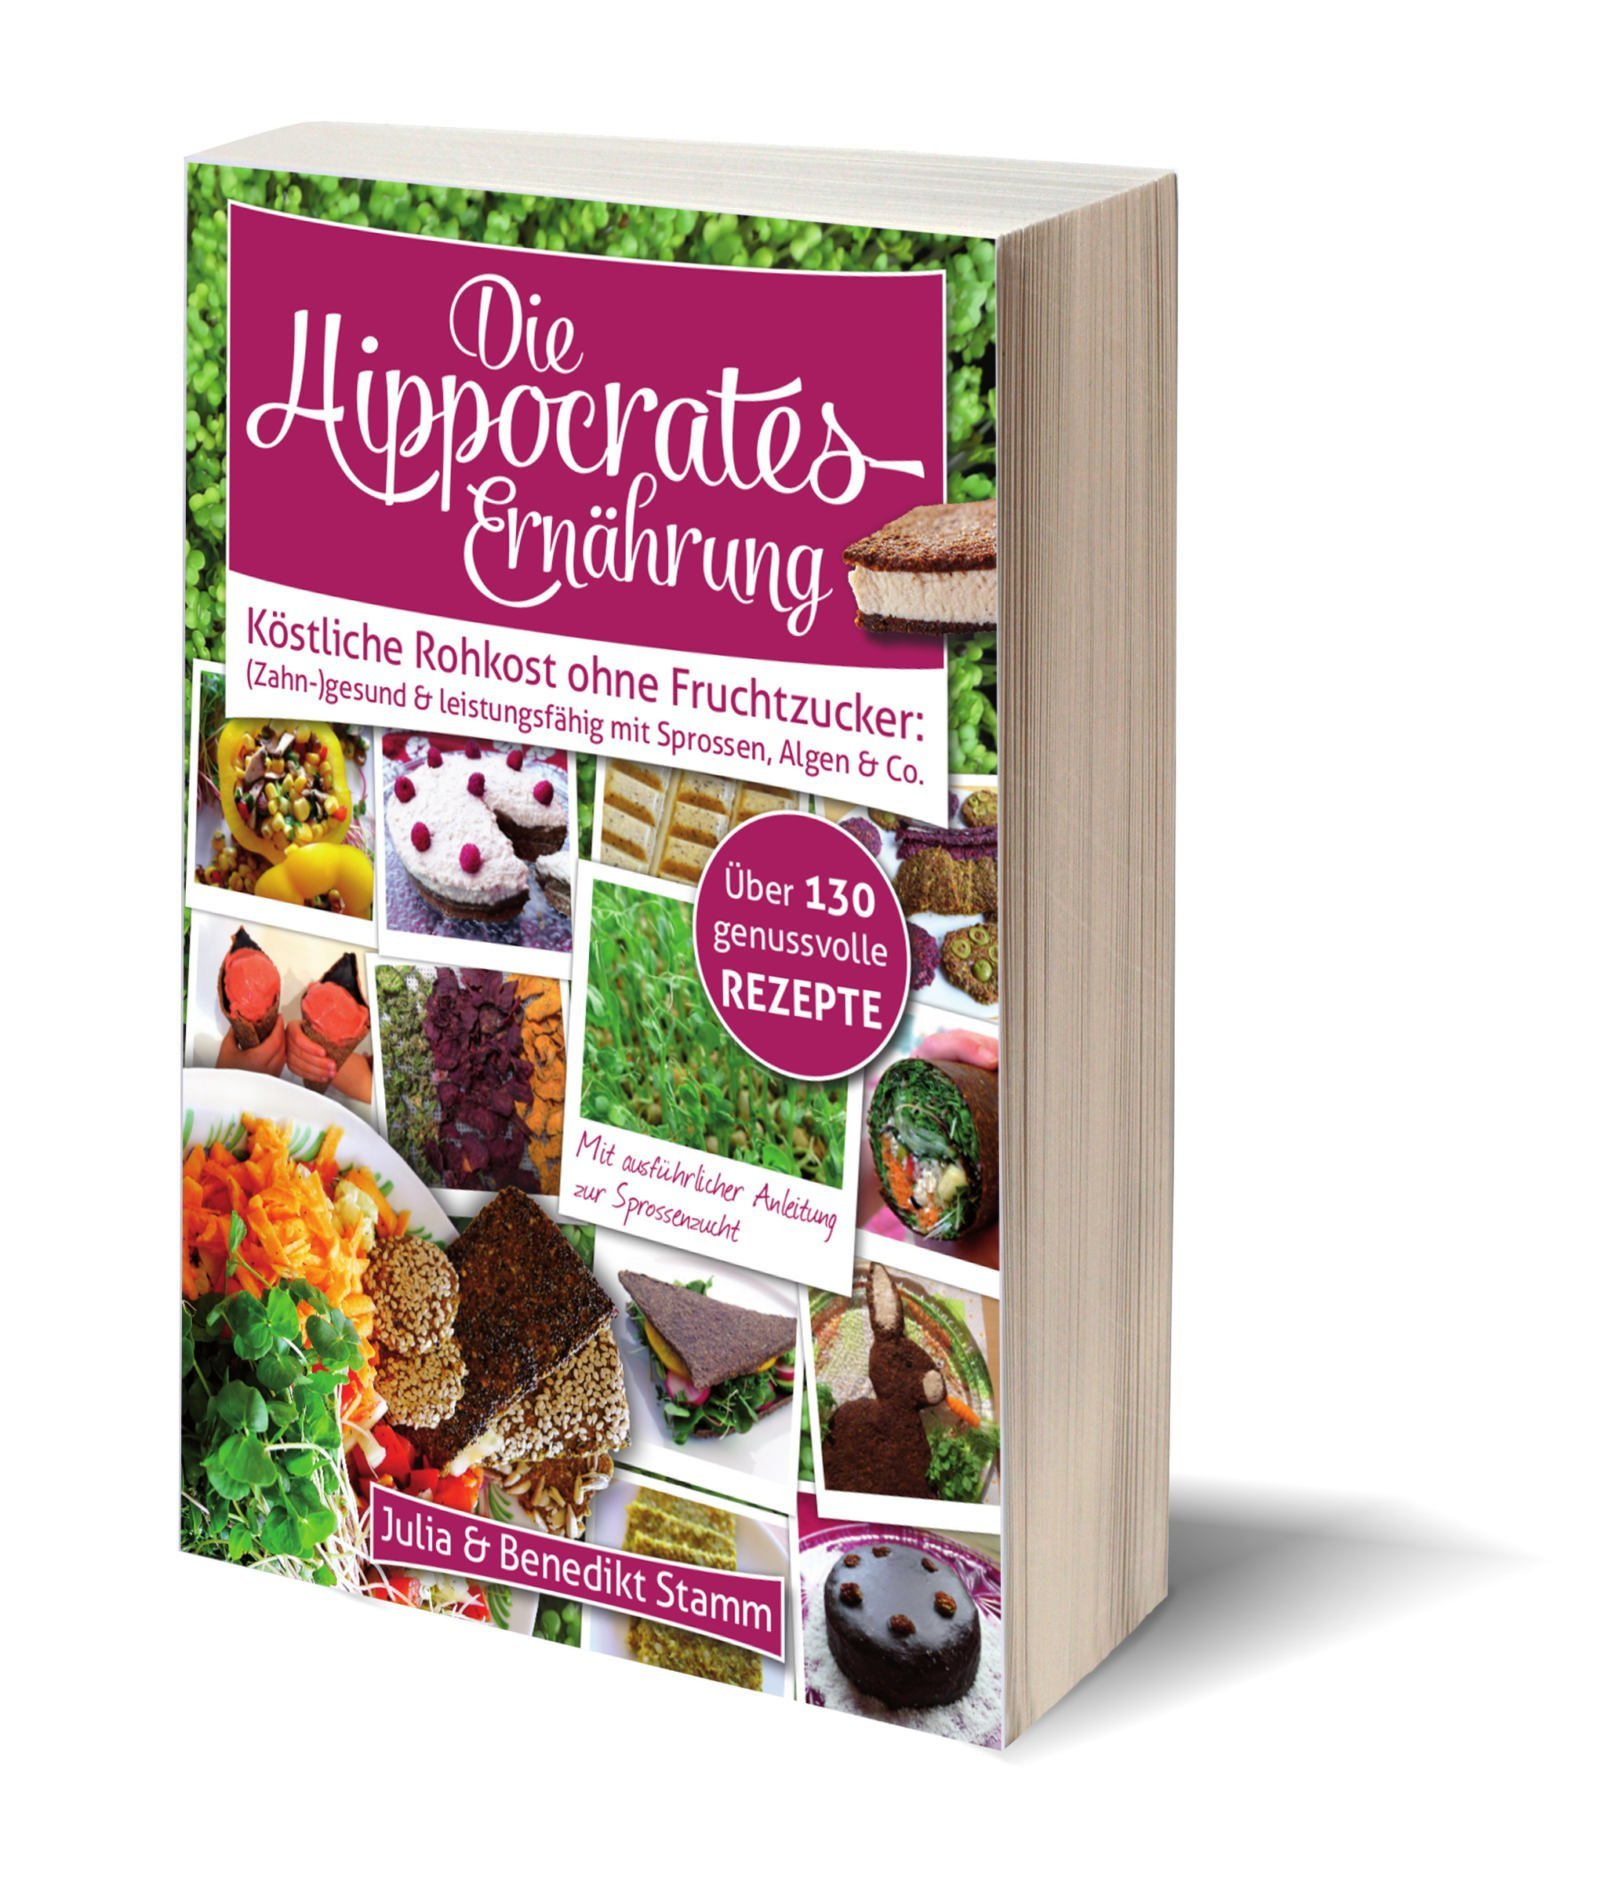 Die Hippocrates Ernährung